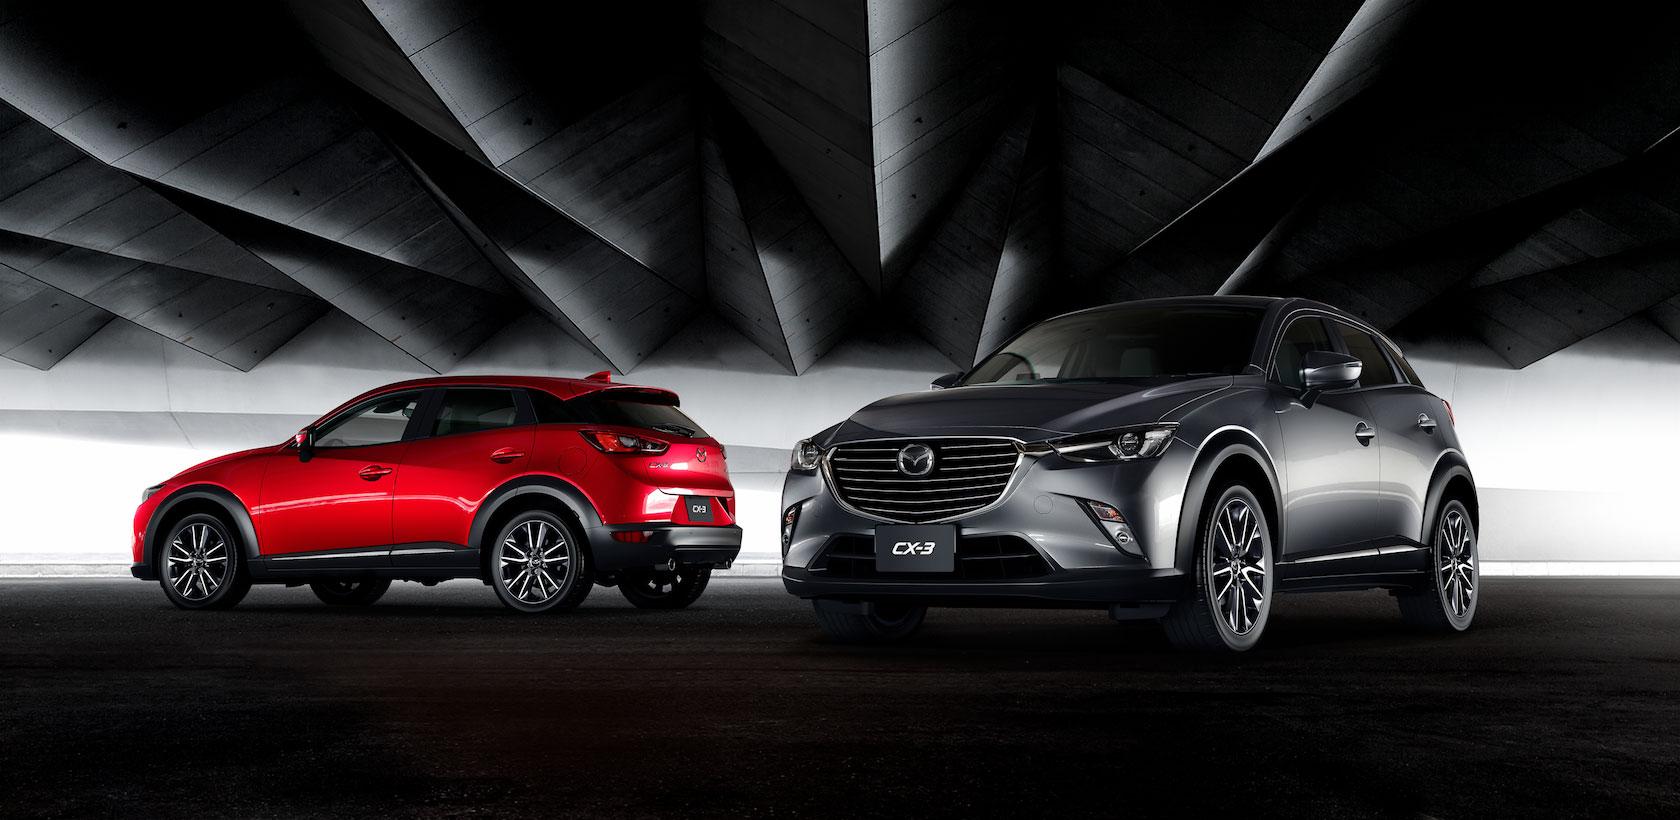 La Mazda CX-3 disponible chez Economic Auto